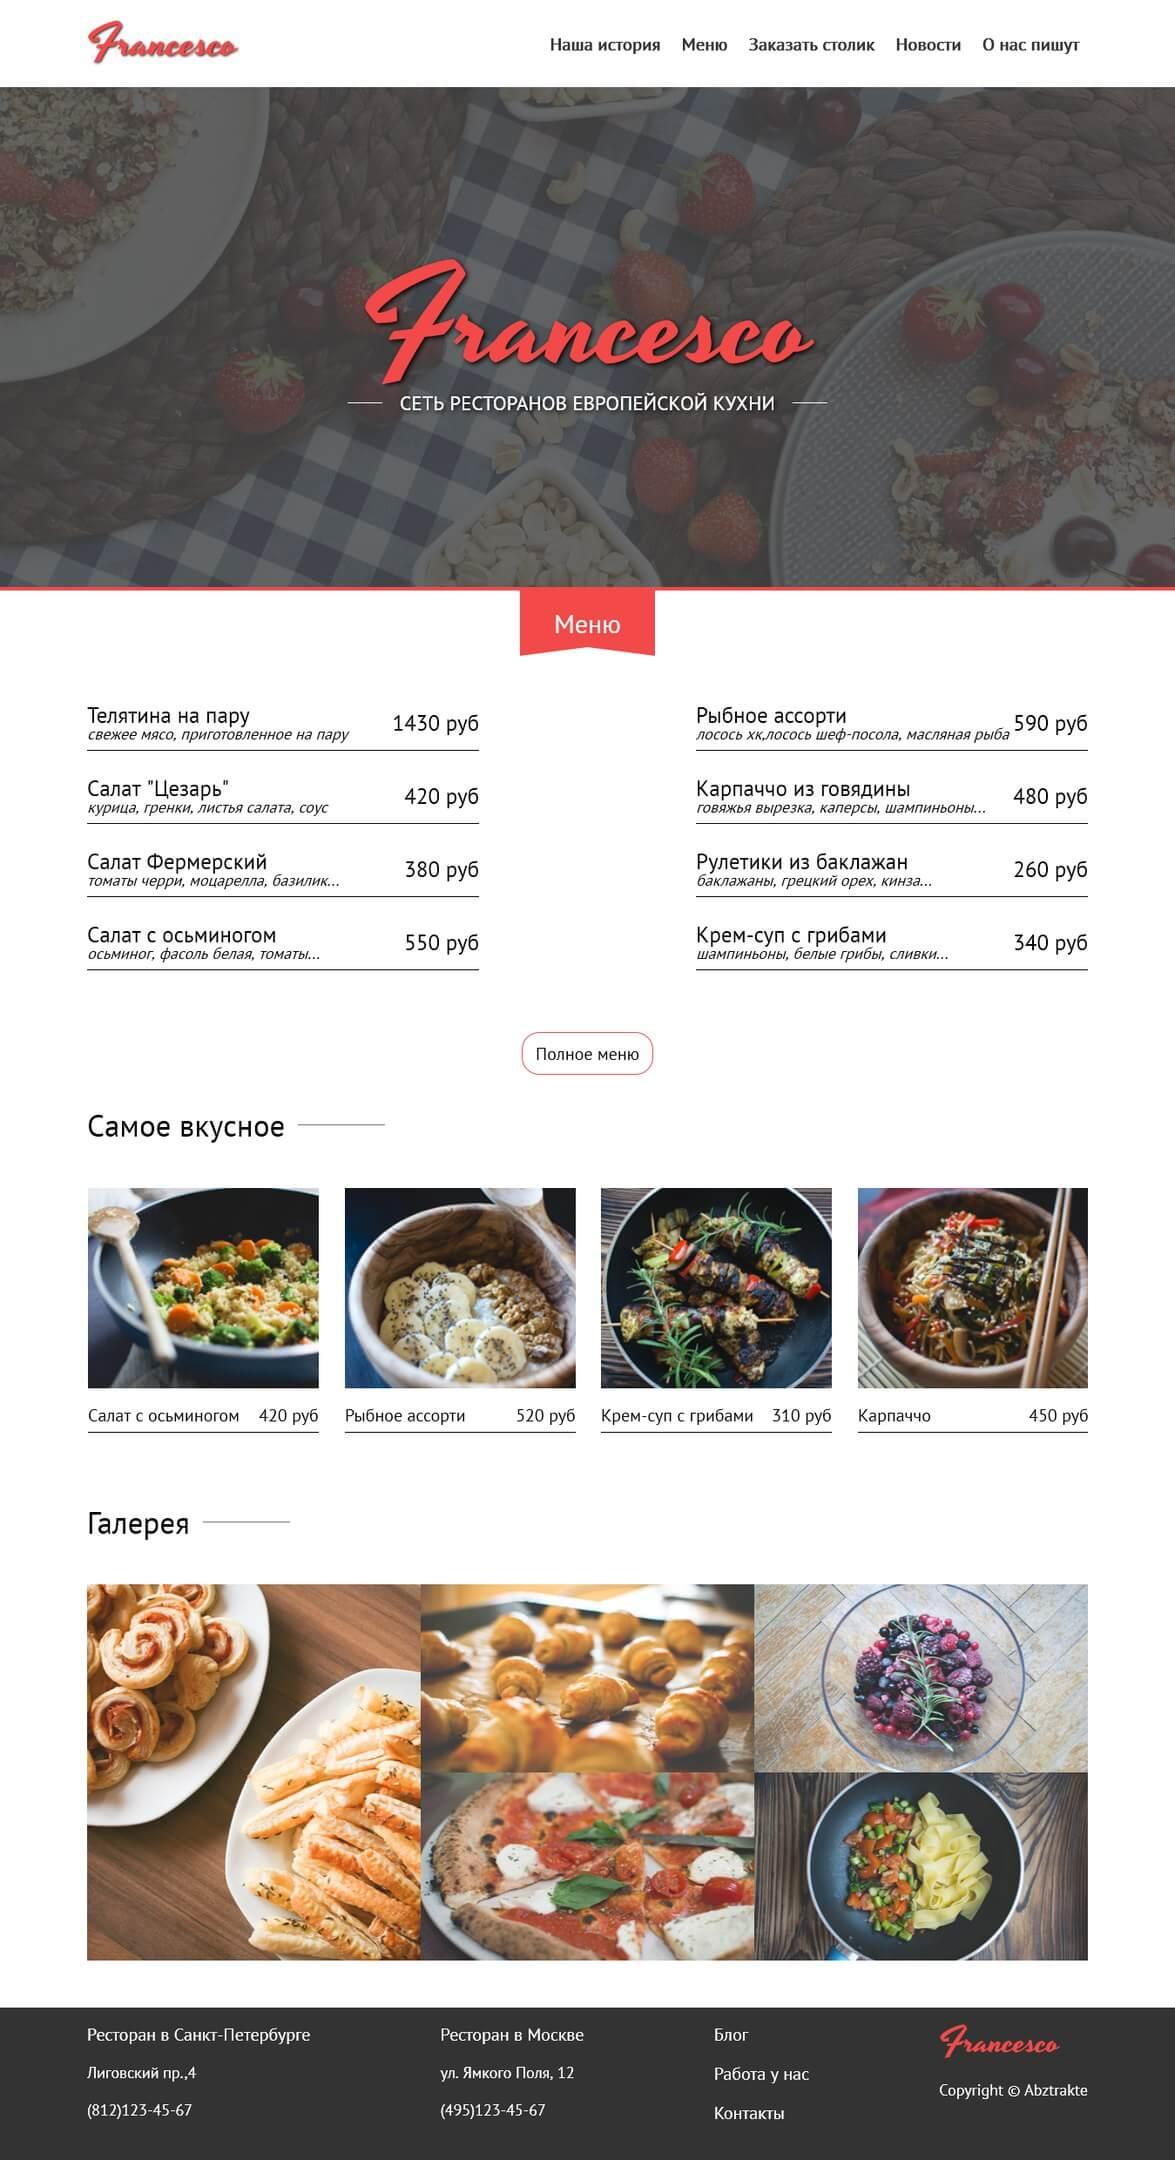 франческо сайт ресторана